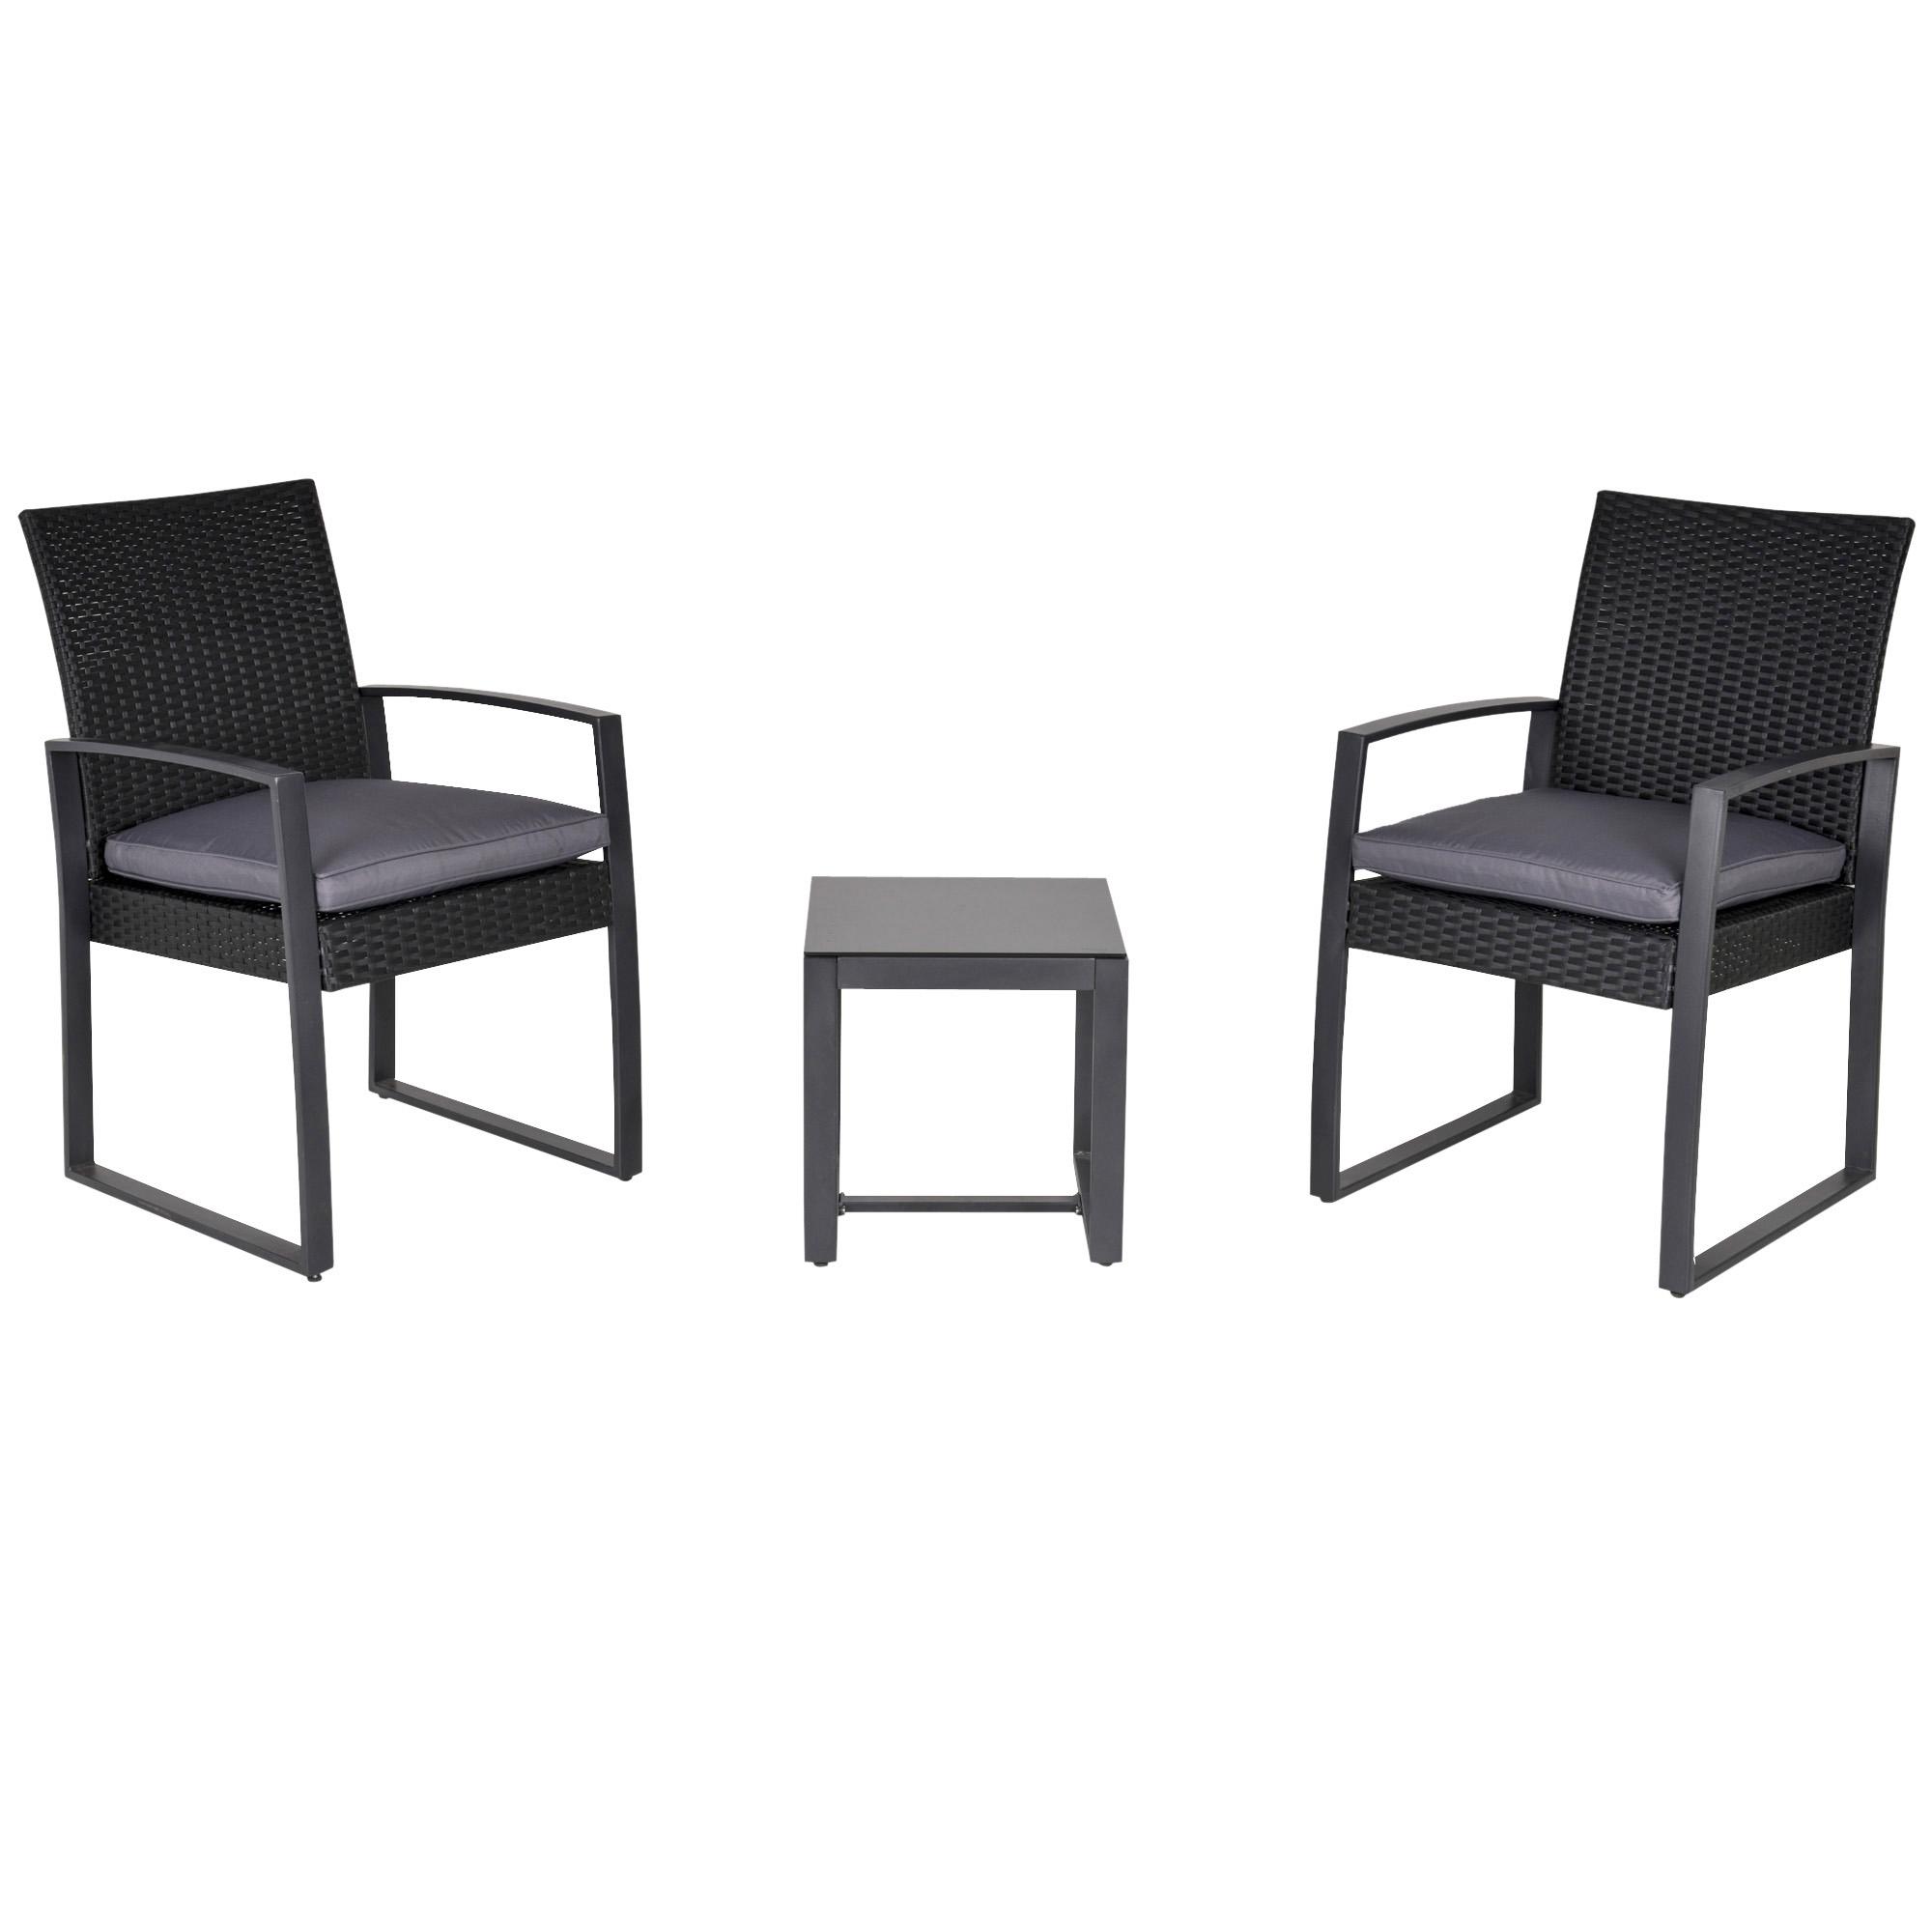 Salon de jardin 2 places avec table basse avec coussins gris noir